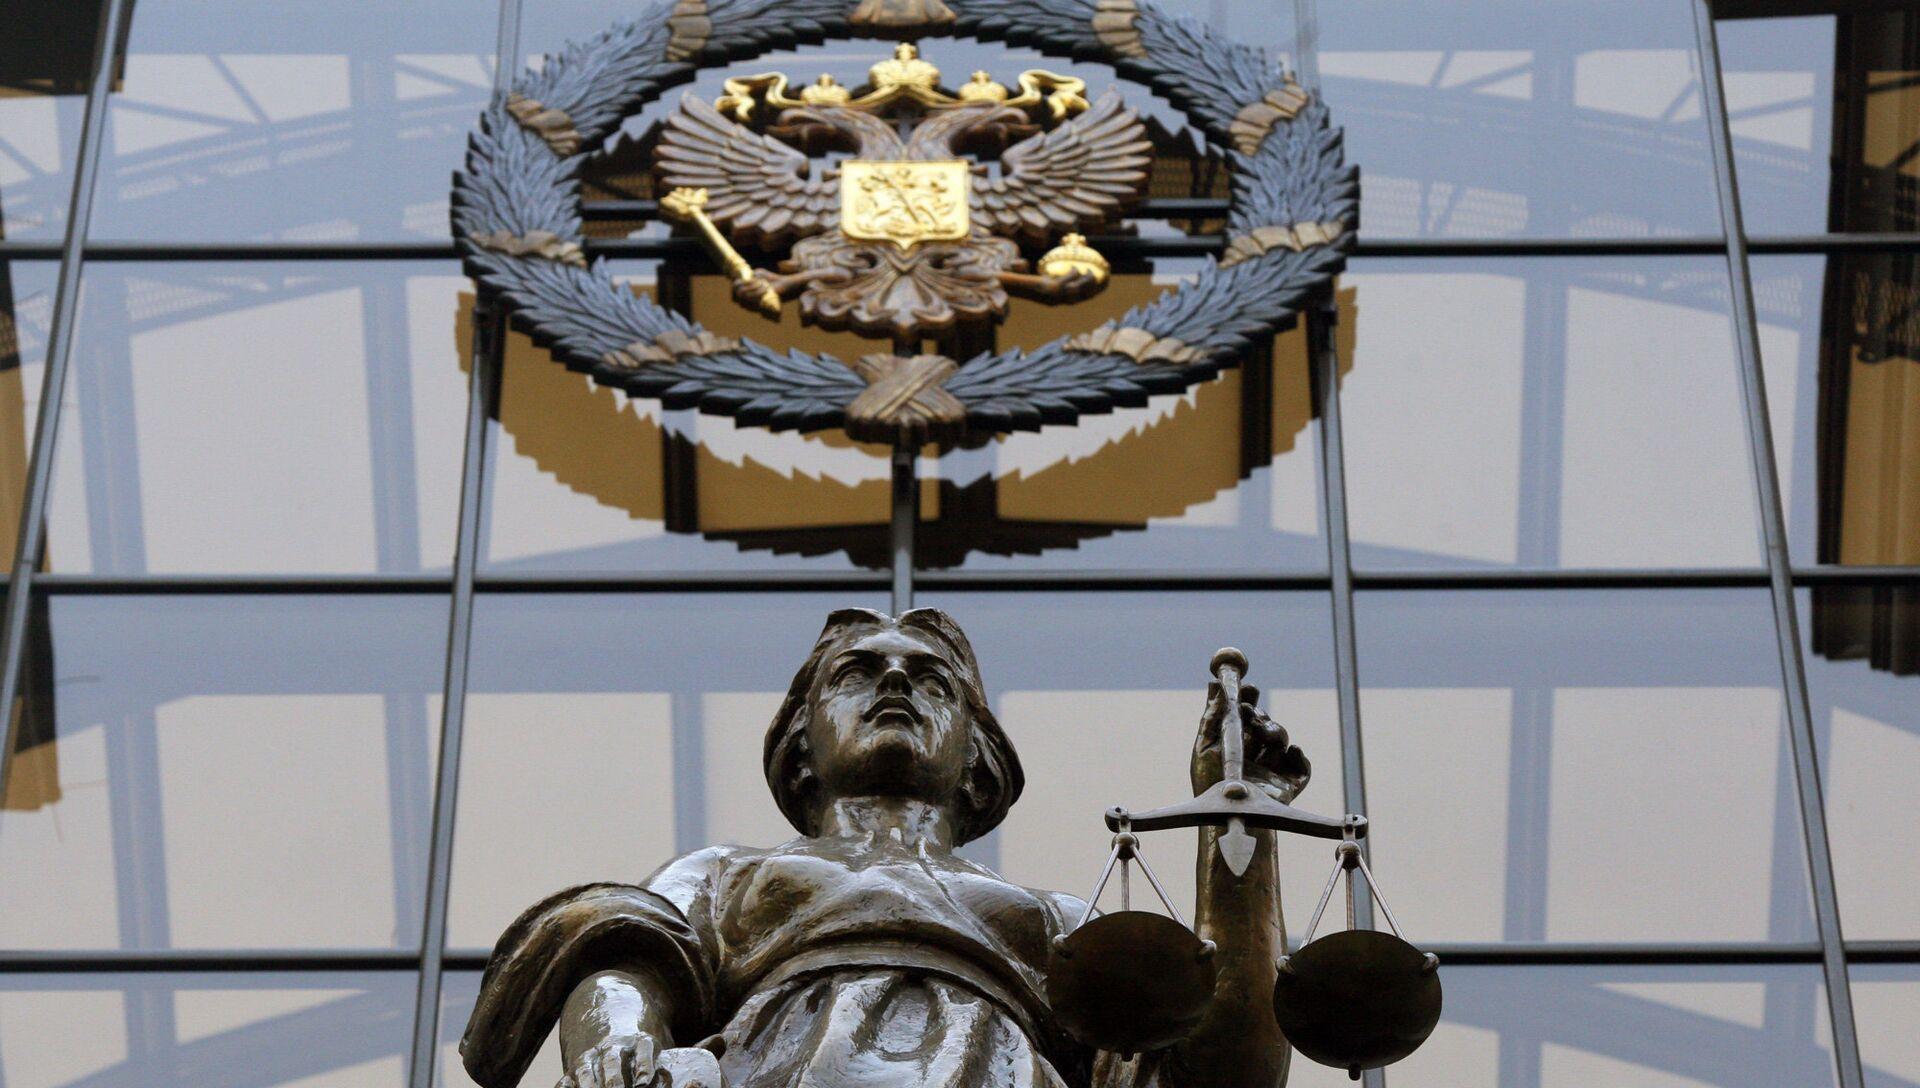 Статуя Фемиды на фасаде здания верховного суда РФ в Москве. - РИА Новости, 1920, 19.04.2021